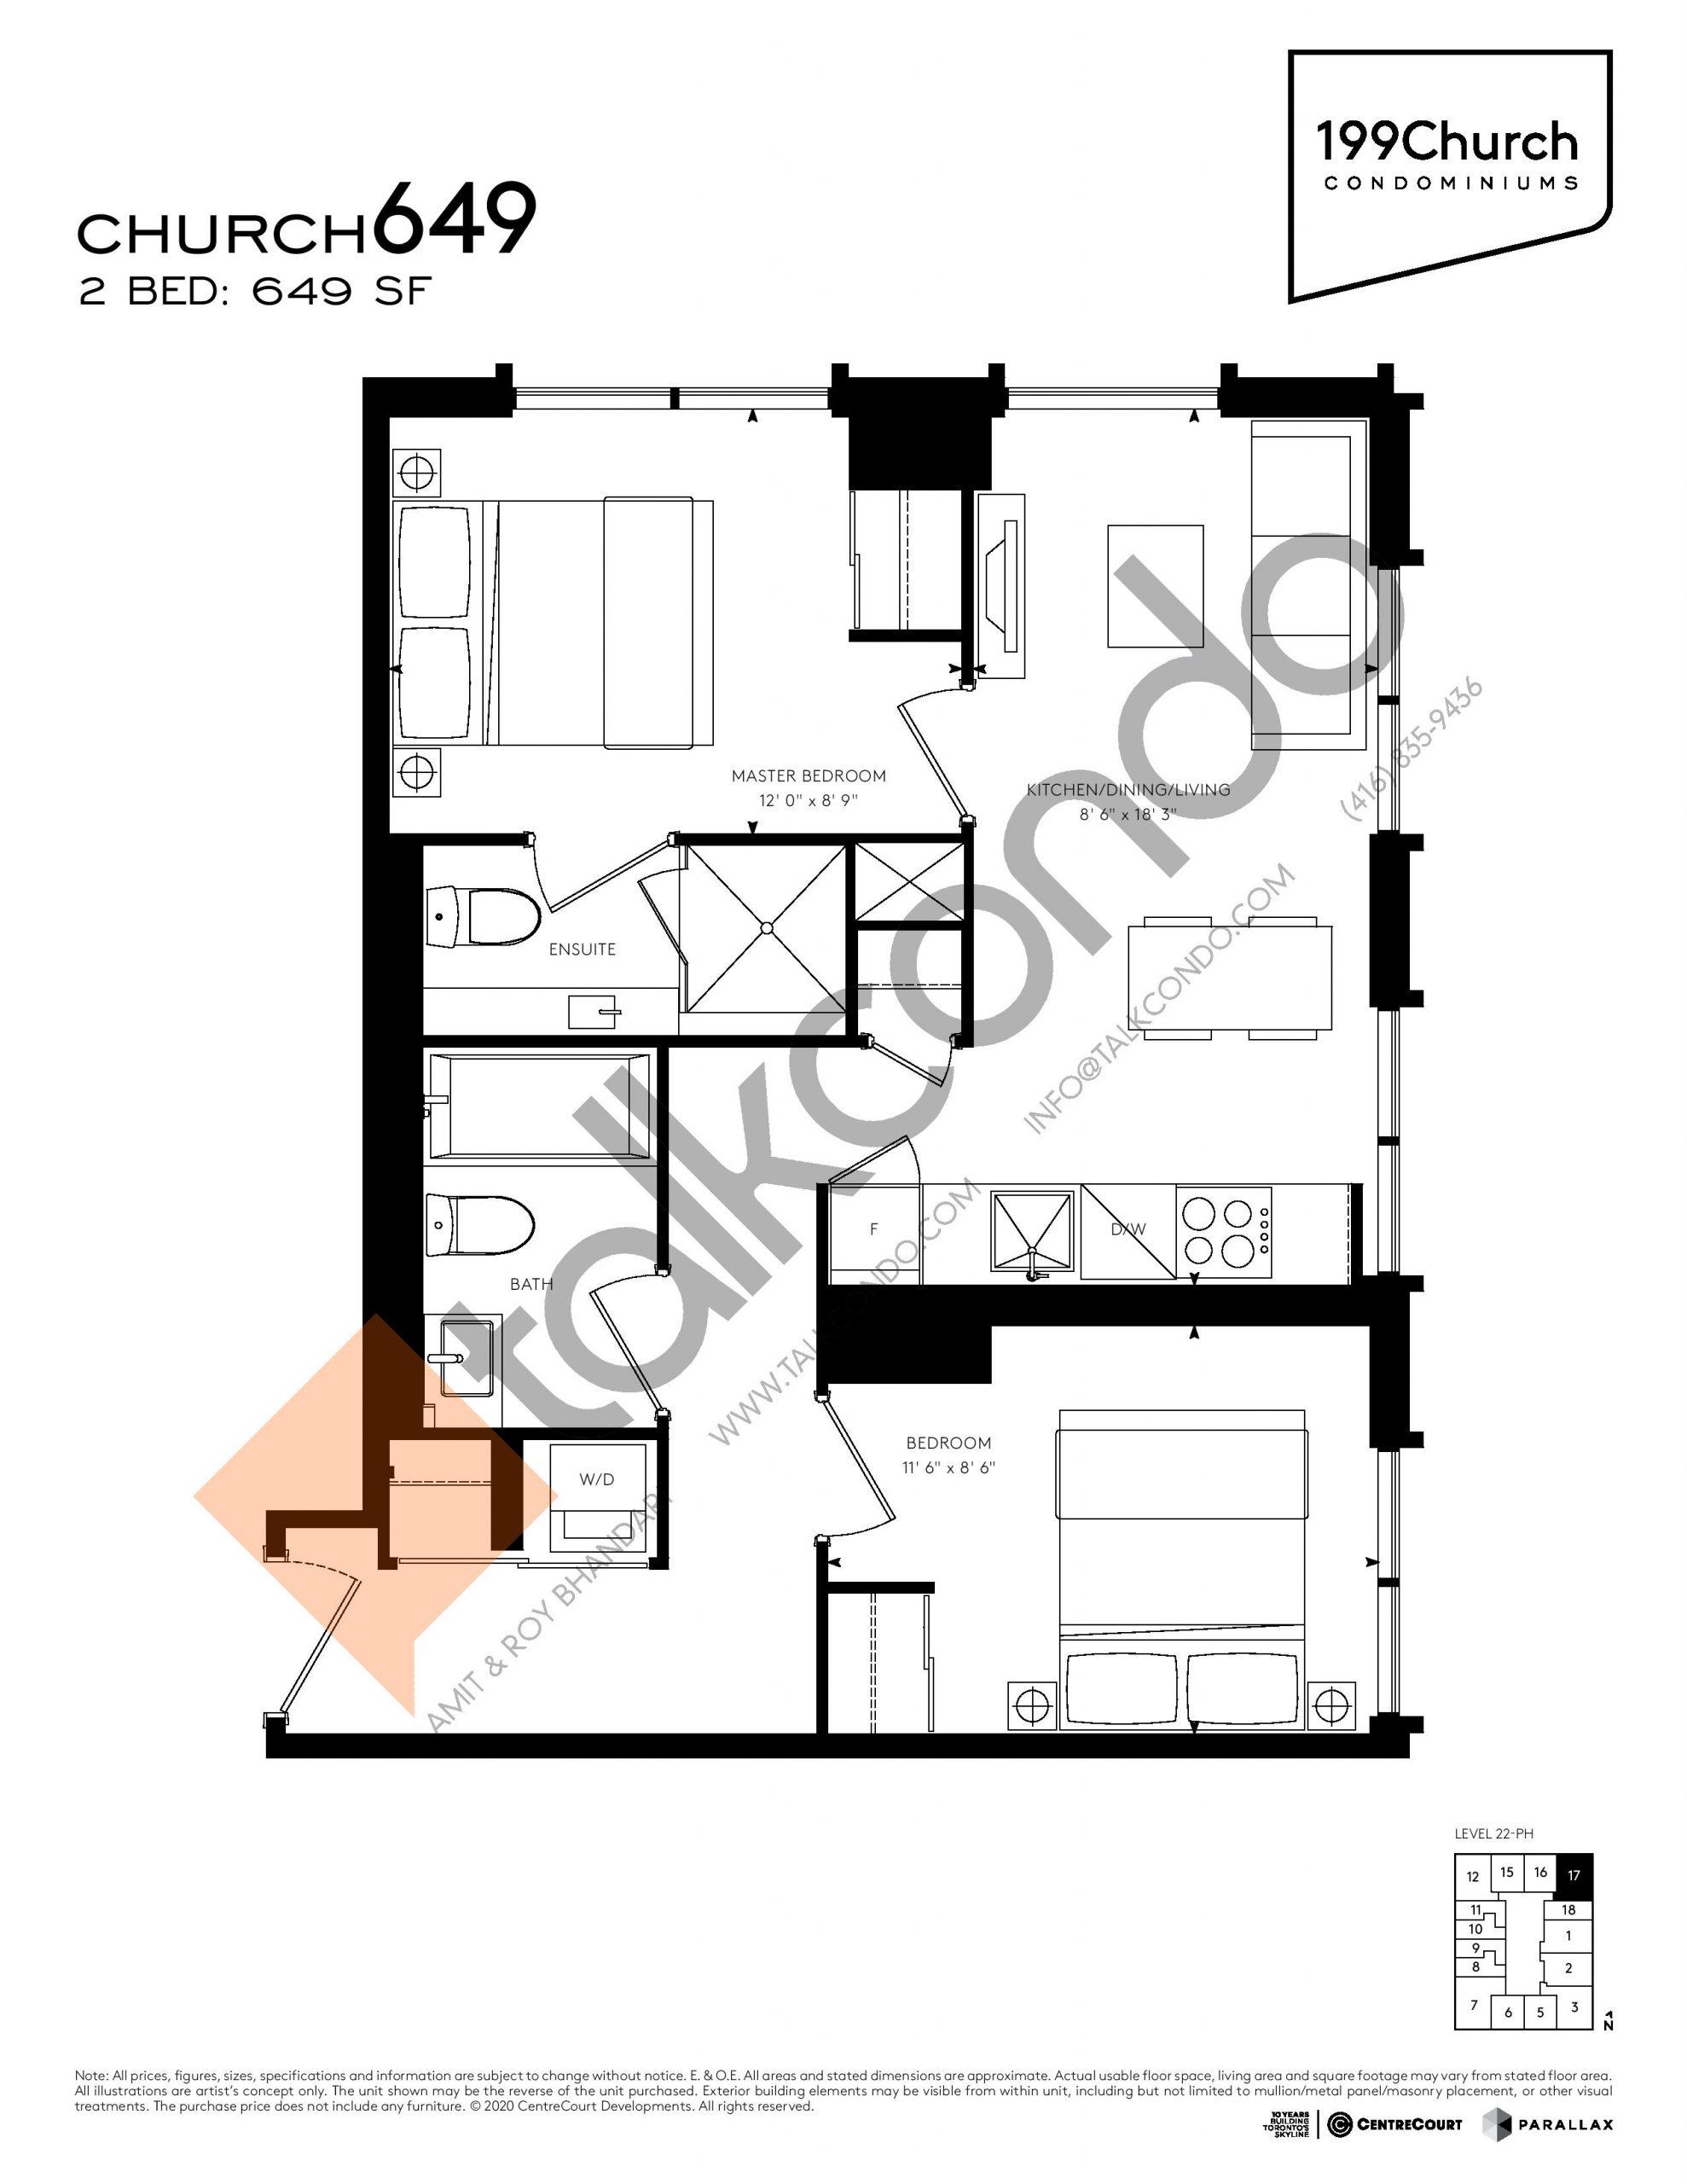 Church 649 Floor Plan at 199 Church Condos - 649 sq.ft